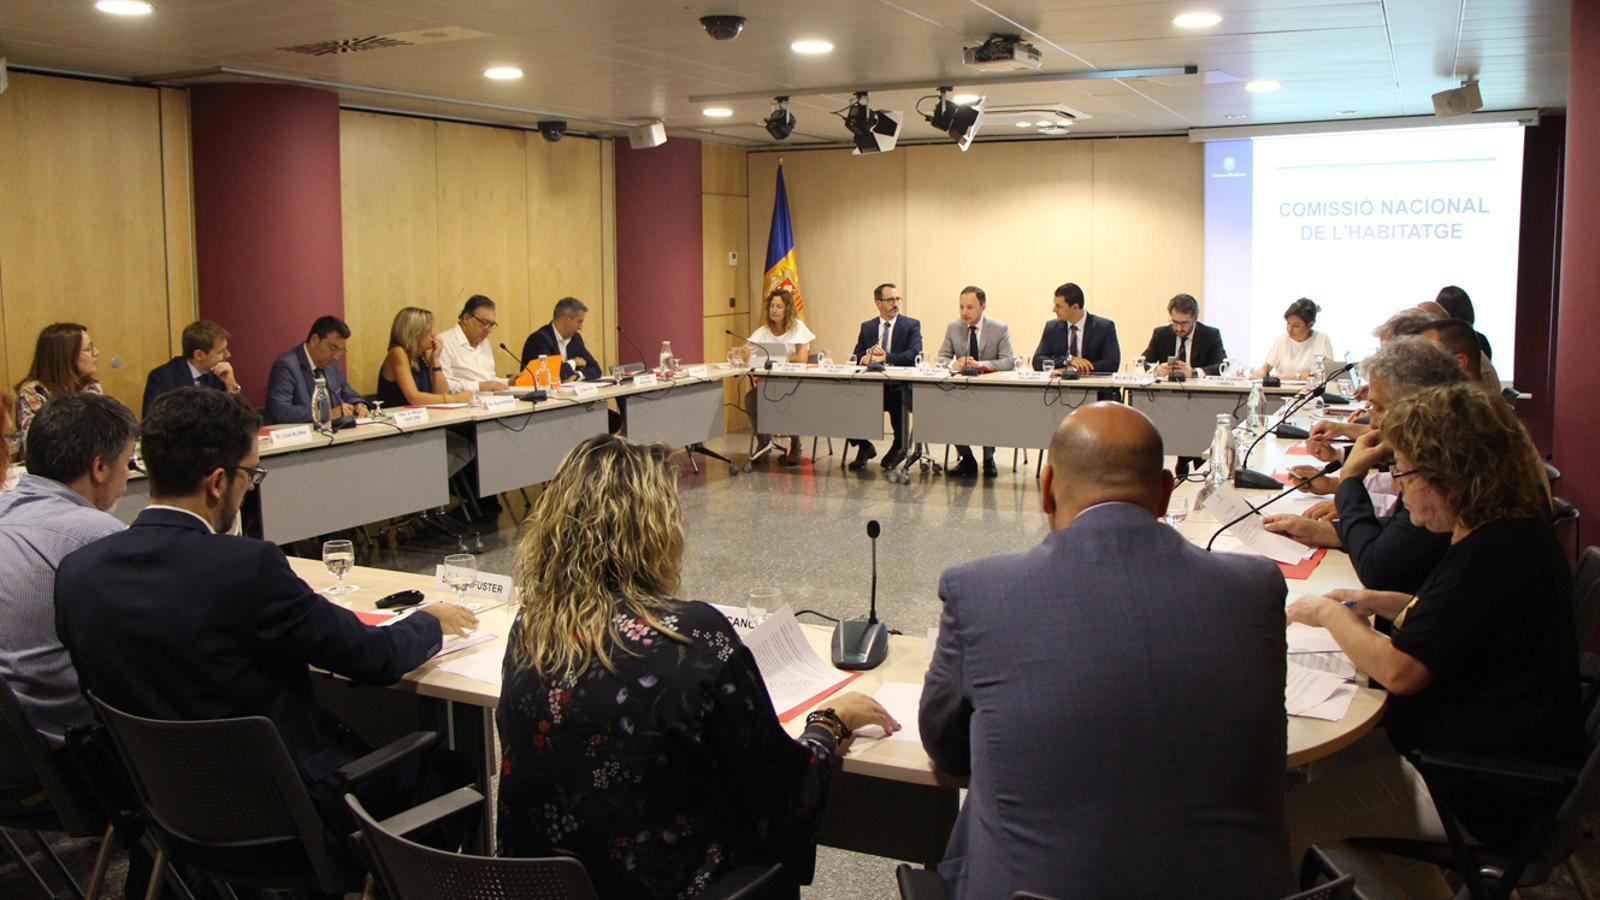 Un moment de la reunió de la Comissió Nacional de l'Habitatge celebrada aquest divendres. / M. P. (ANA)